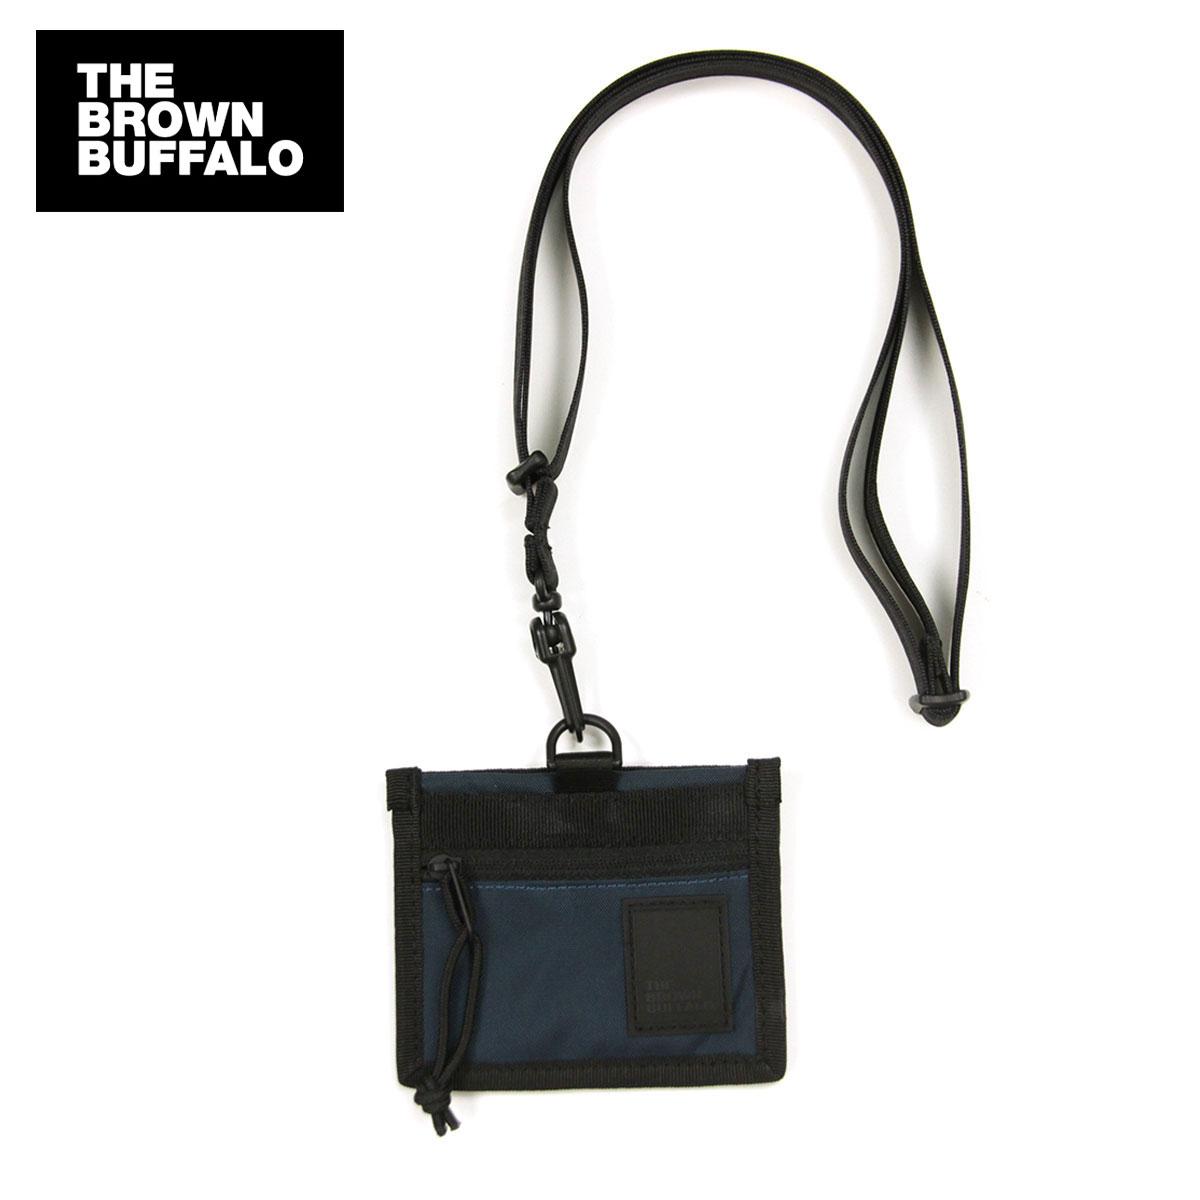 ザ ブラウン バッファロー カードケース メンズ レディース 正規販売店 THE BROWN BUFFALO パスケース NECK POUCH NAVY S19NECK420NAVY AA7B B3C C3D D3E E06F